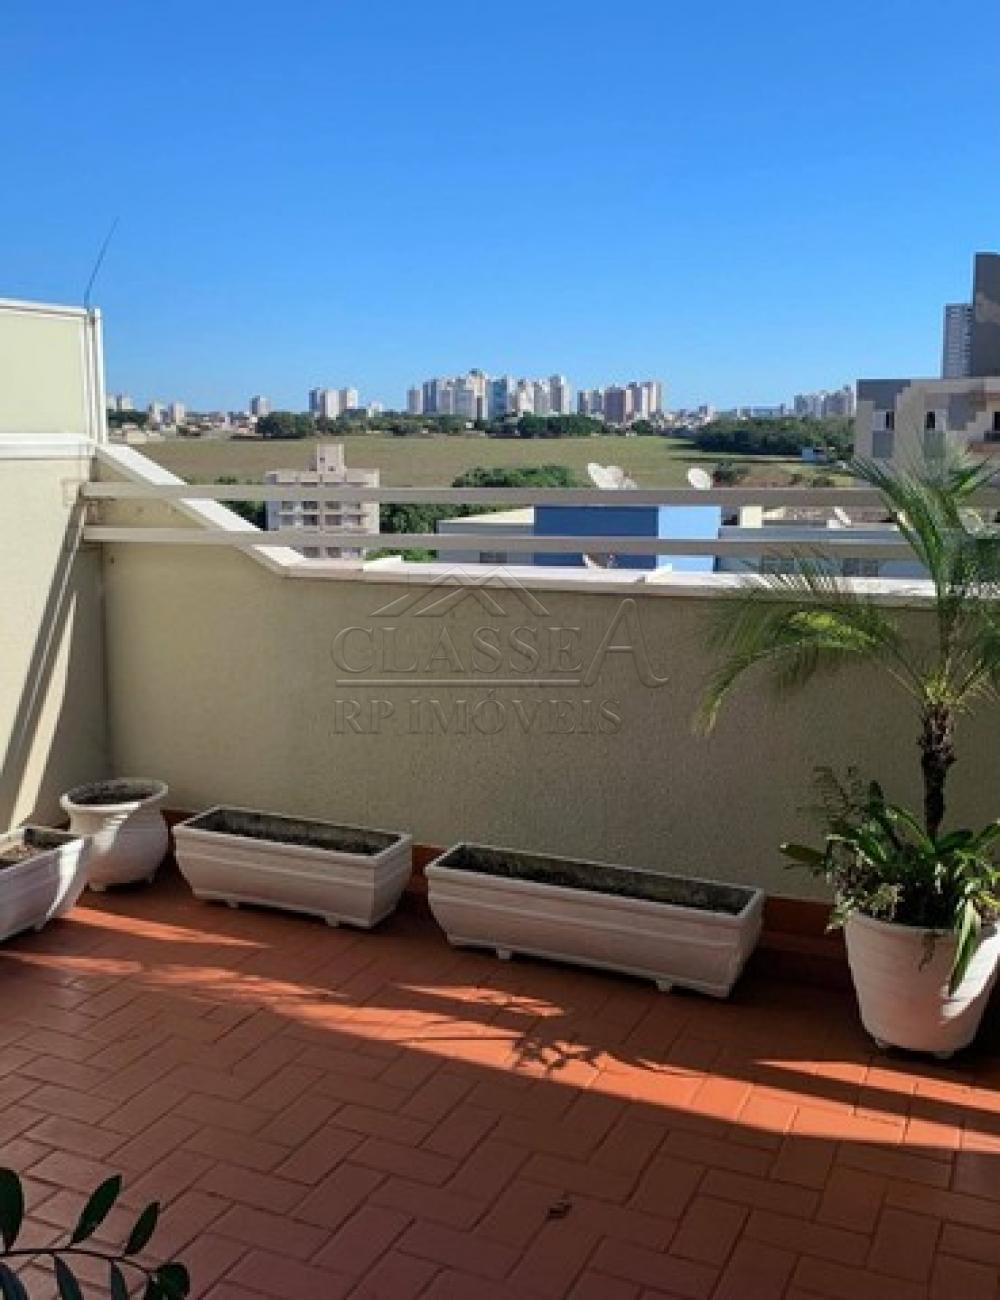 Comprar Apartamento / Cobertura Duplex em Ribeirão Preto R$ 300.000,00 - Foto 12